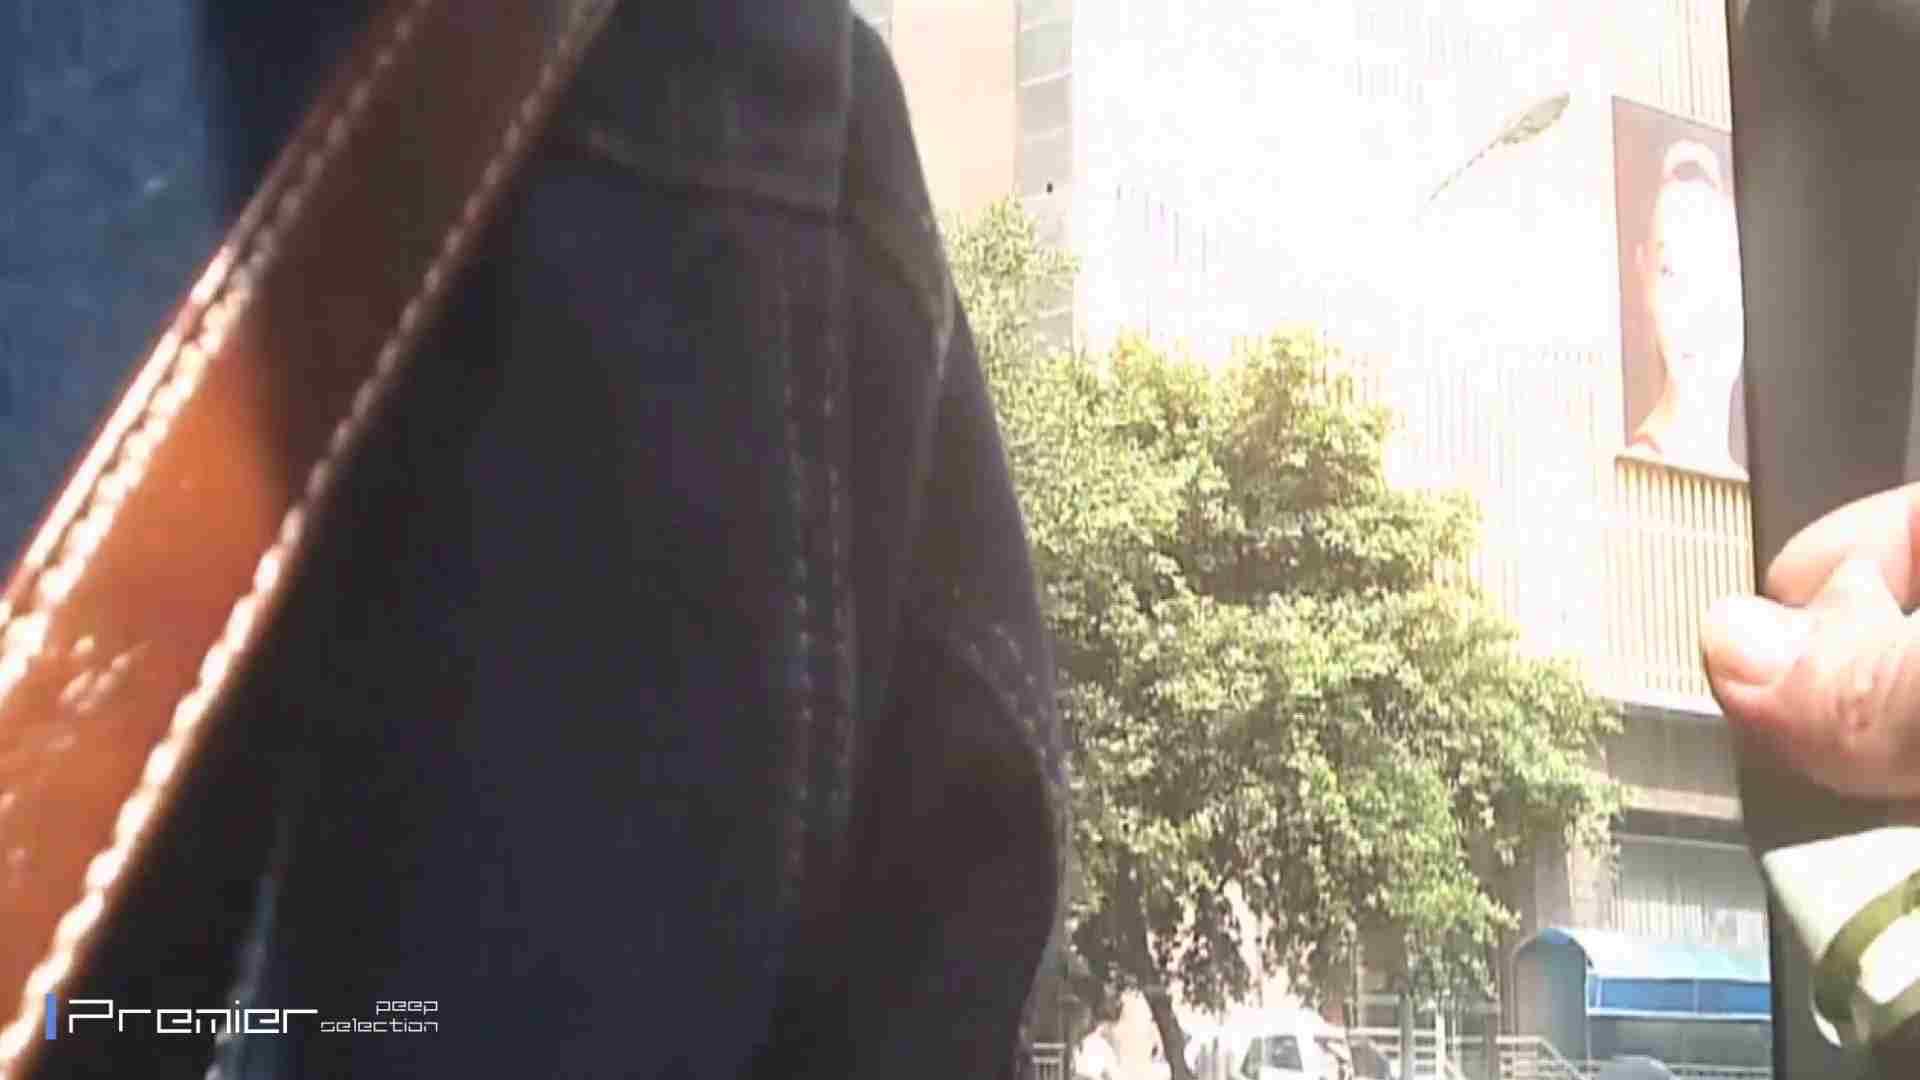 美女の痴態に密着!パンチラ編 Vol.01 高画質 AV動画キャプチャ 61画像 31